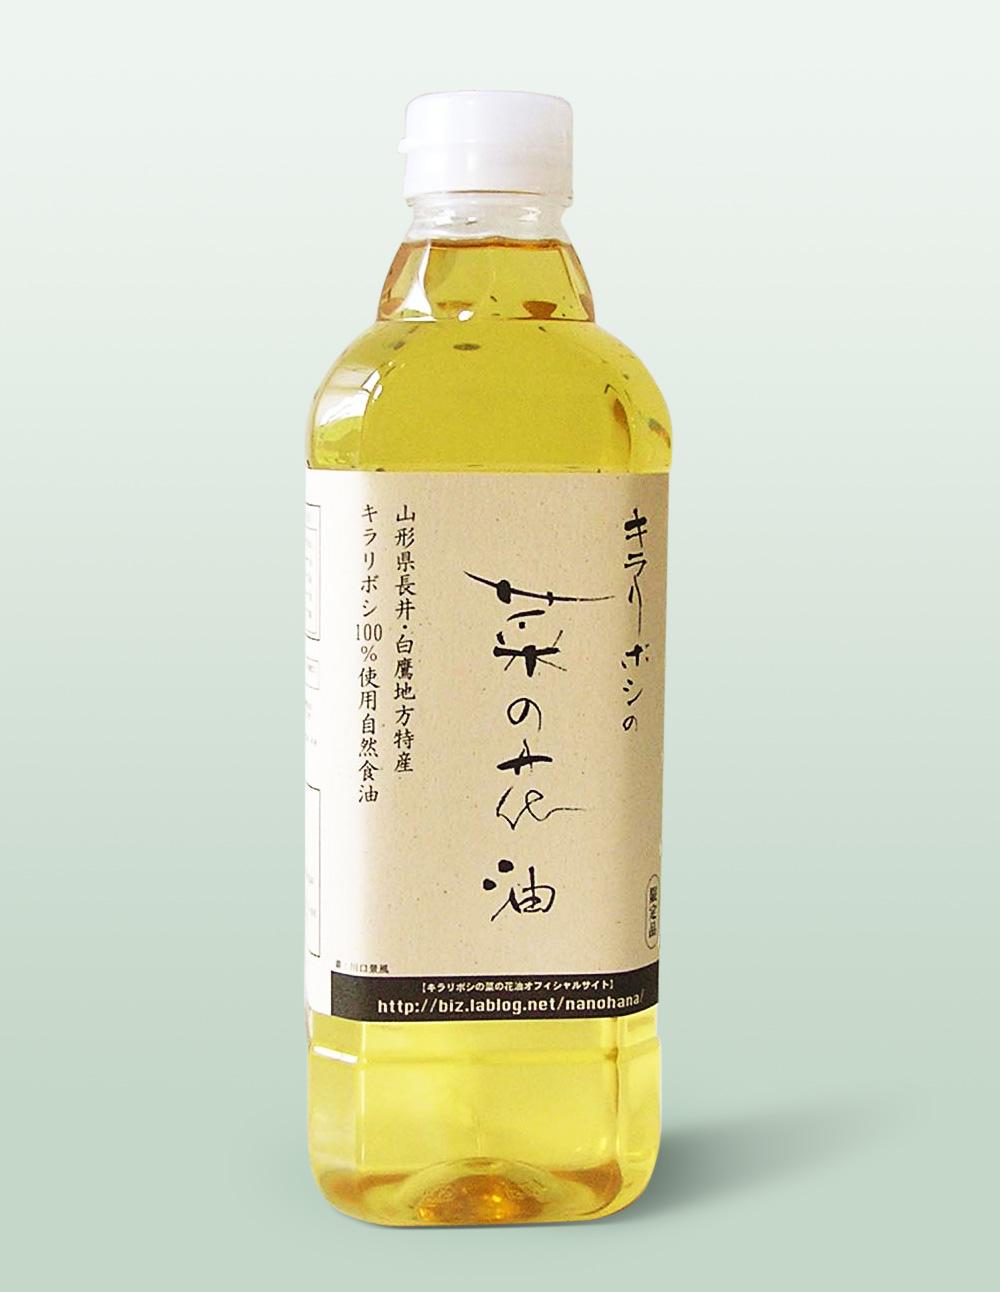 新品種「キラリボシ」100%の自然食油